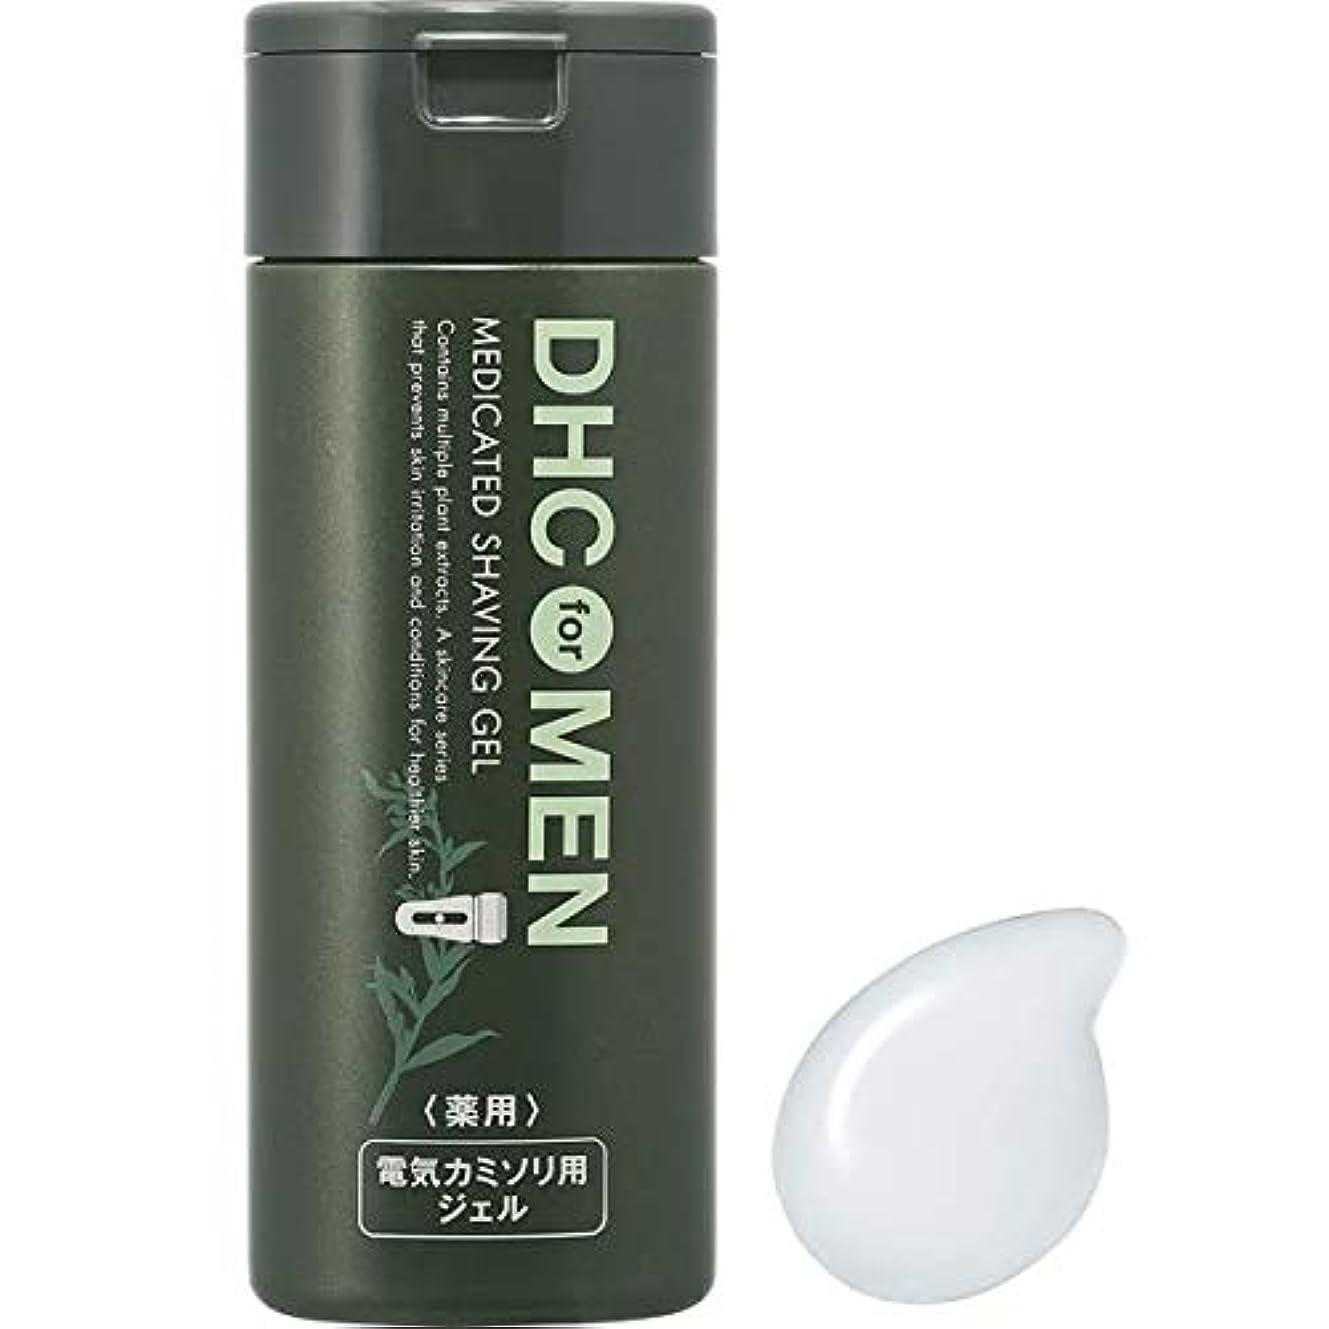 ガスインセンティブ実業家DHC for MEN 薬用 シェービング ジェル(電気カミソリ用ジェル)